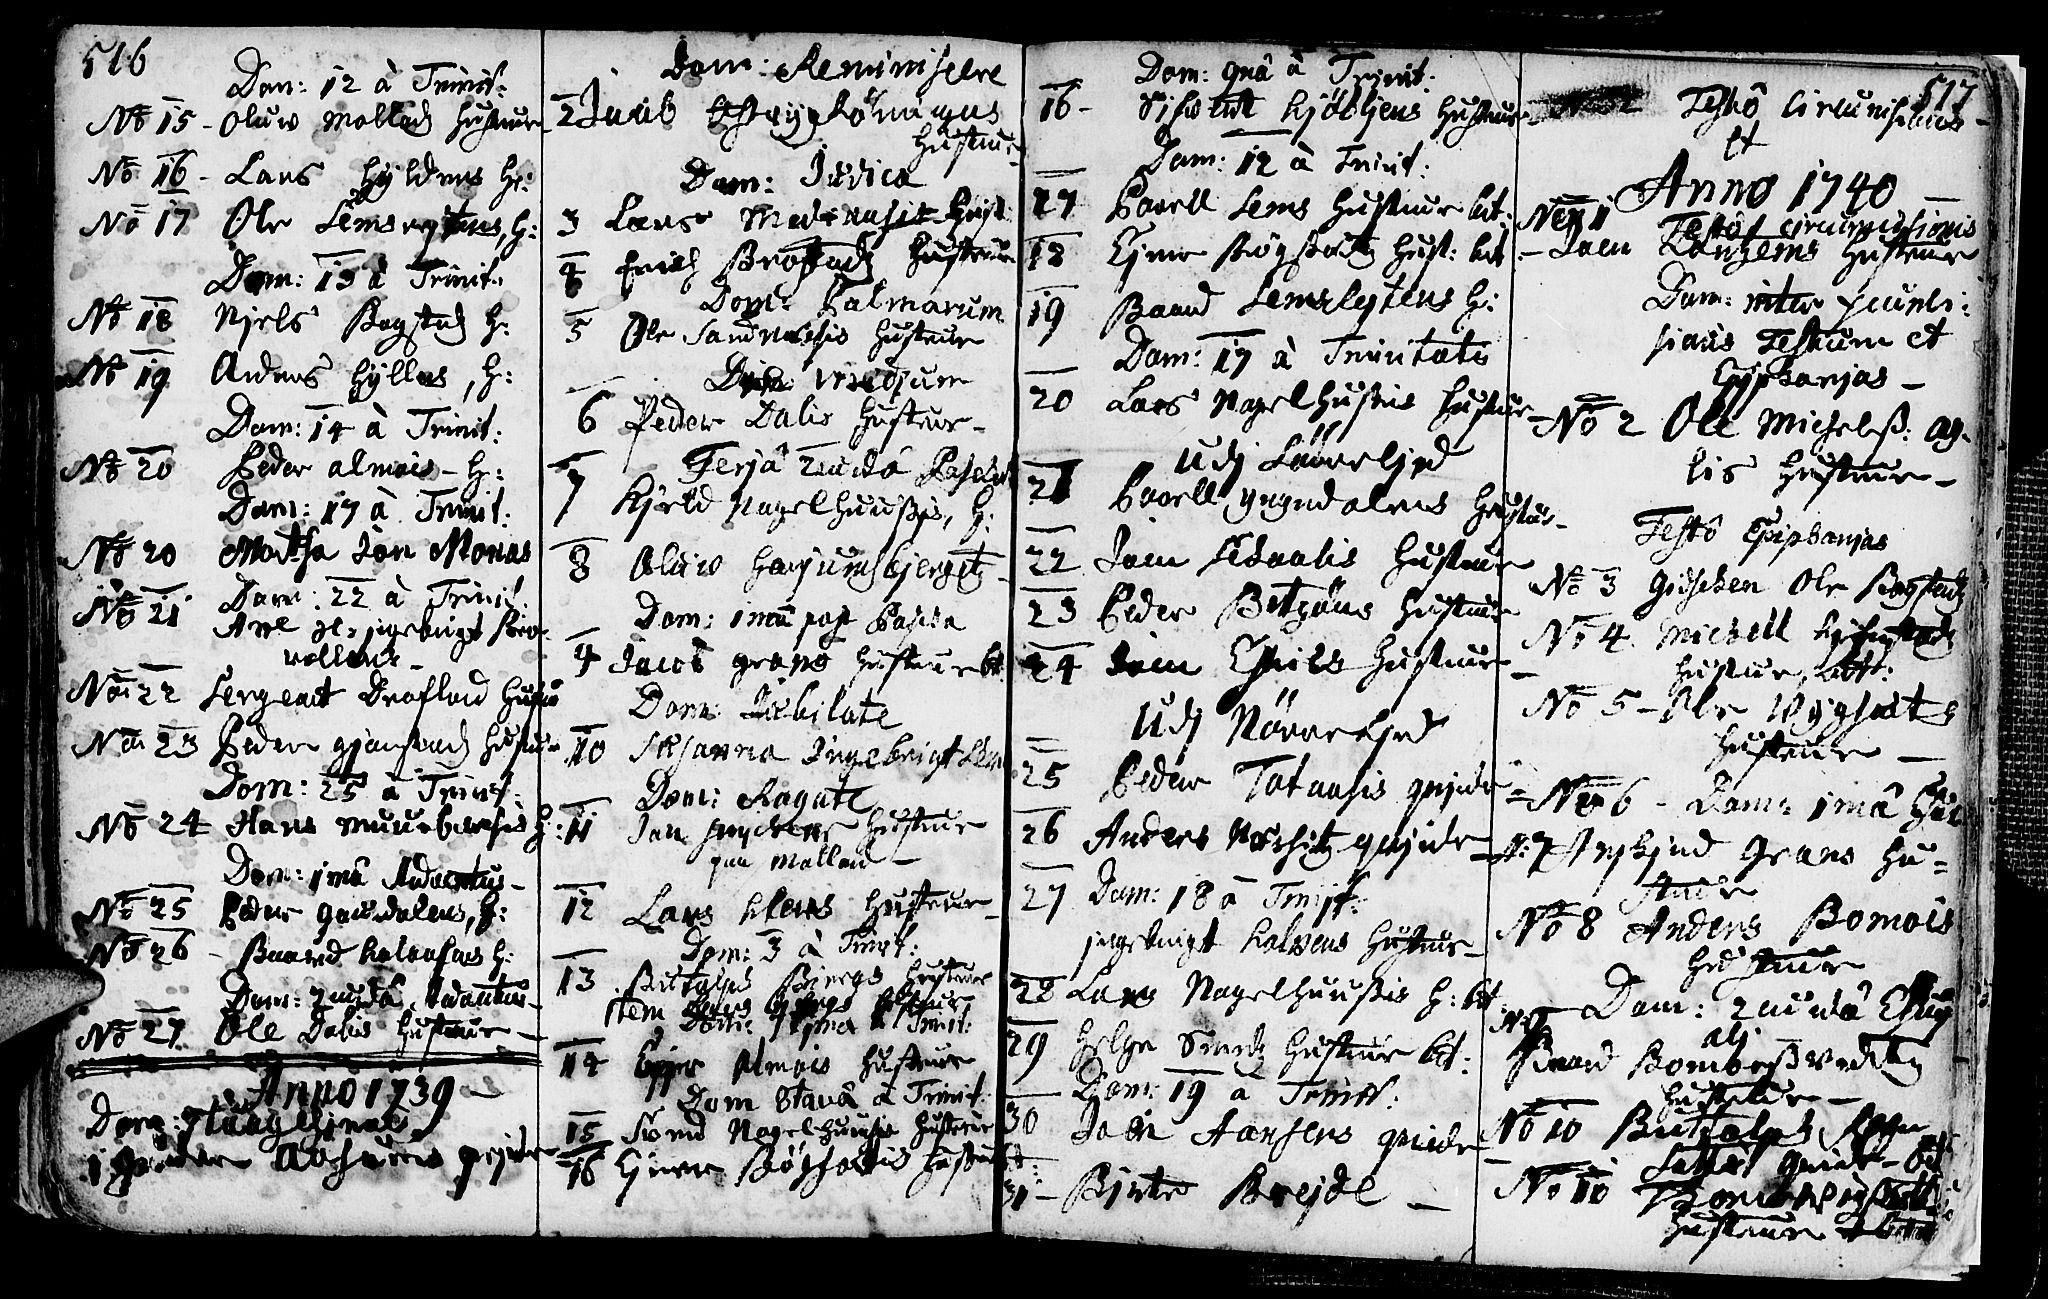 SAT, Ministerialprotokoller, klokkerbøker og fødselsregistre - Nord-Trøndelag, 749/L0467: Ministerialbok nr. 749A01, 1733-1787, s. 516-517